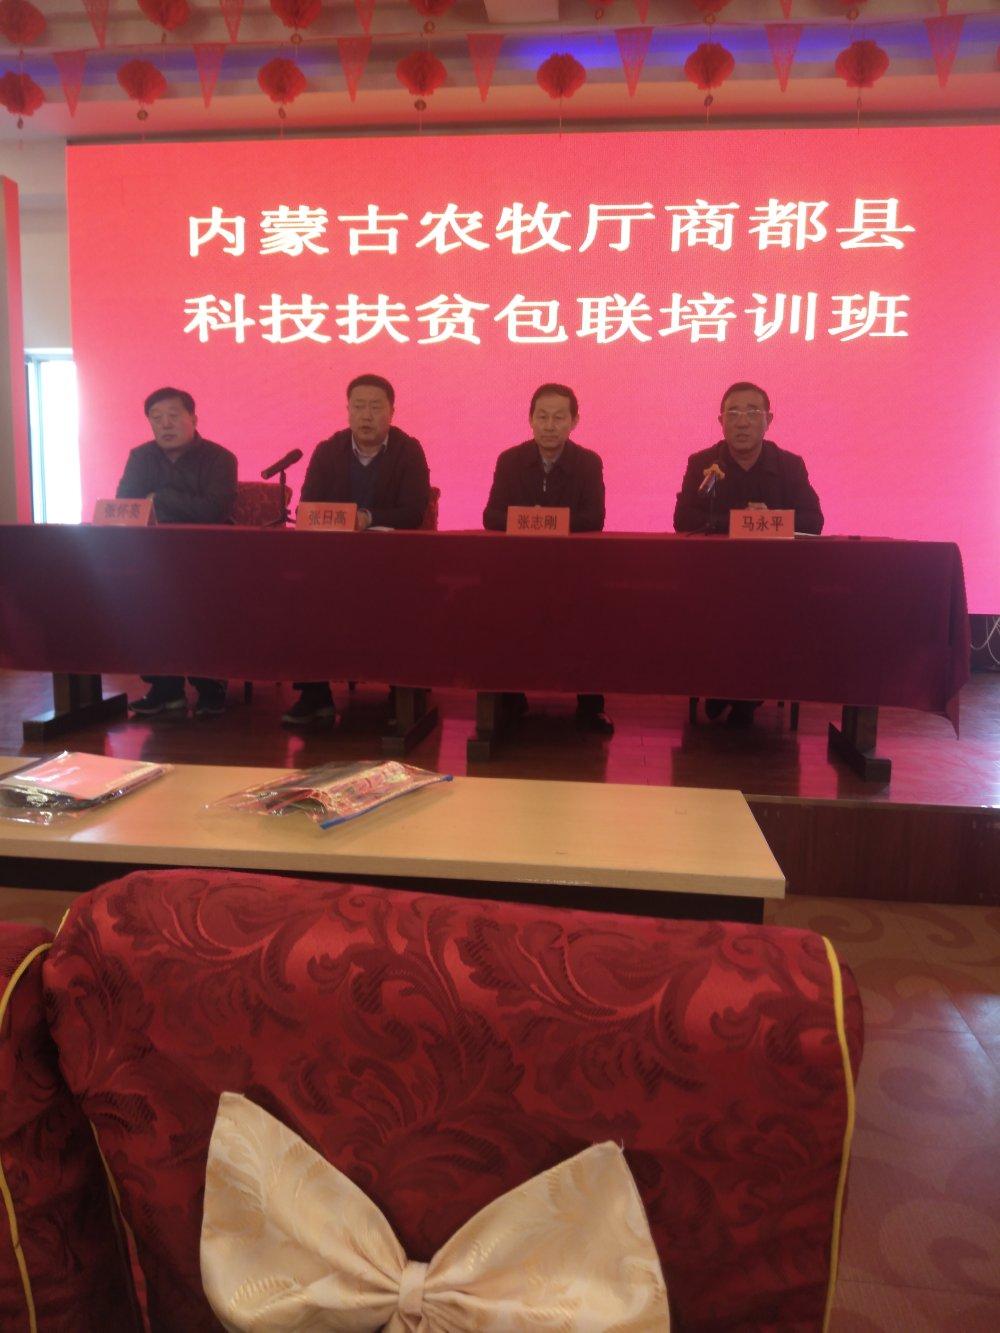 周广俊参加内蒙古农牧厅商都科技扶贫包联培训会4